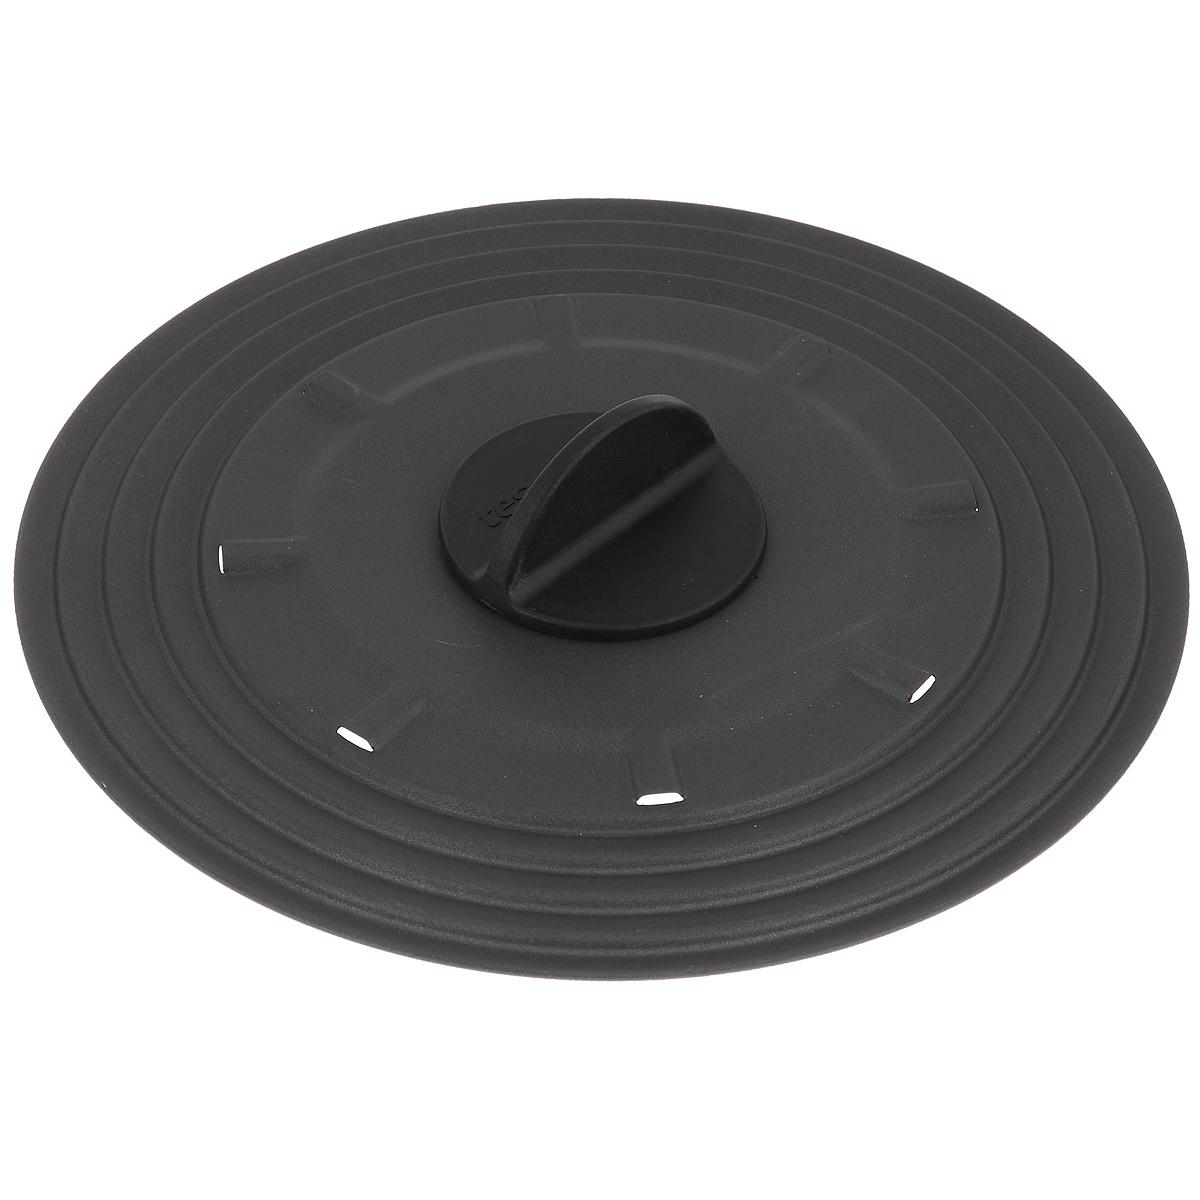 Крышка универсальная Tescoma Presto, для сковородок диаметром 20-24 см594952Крышка Tescoma Presto подходит в качестве универсальной крышки к сковородам диаметром 20-24 см. Изготовлена из огнеупорного нейлона с высококачественным антипригарным покрытием для легкой очистки. Имеет несколько отверстий для выхода пара. Ручка не нагревается.Можно мыть в посудомоечной машине.